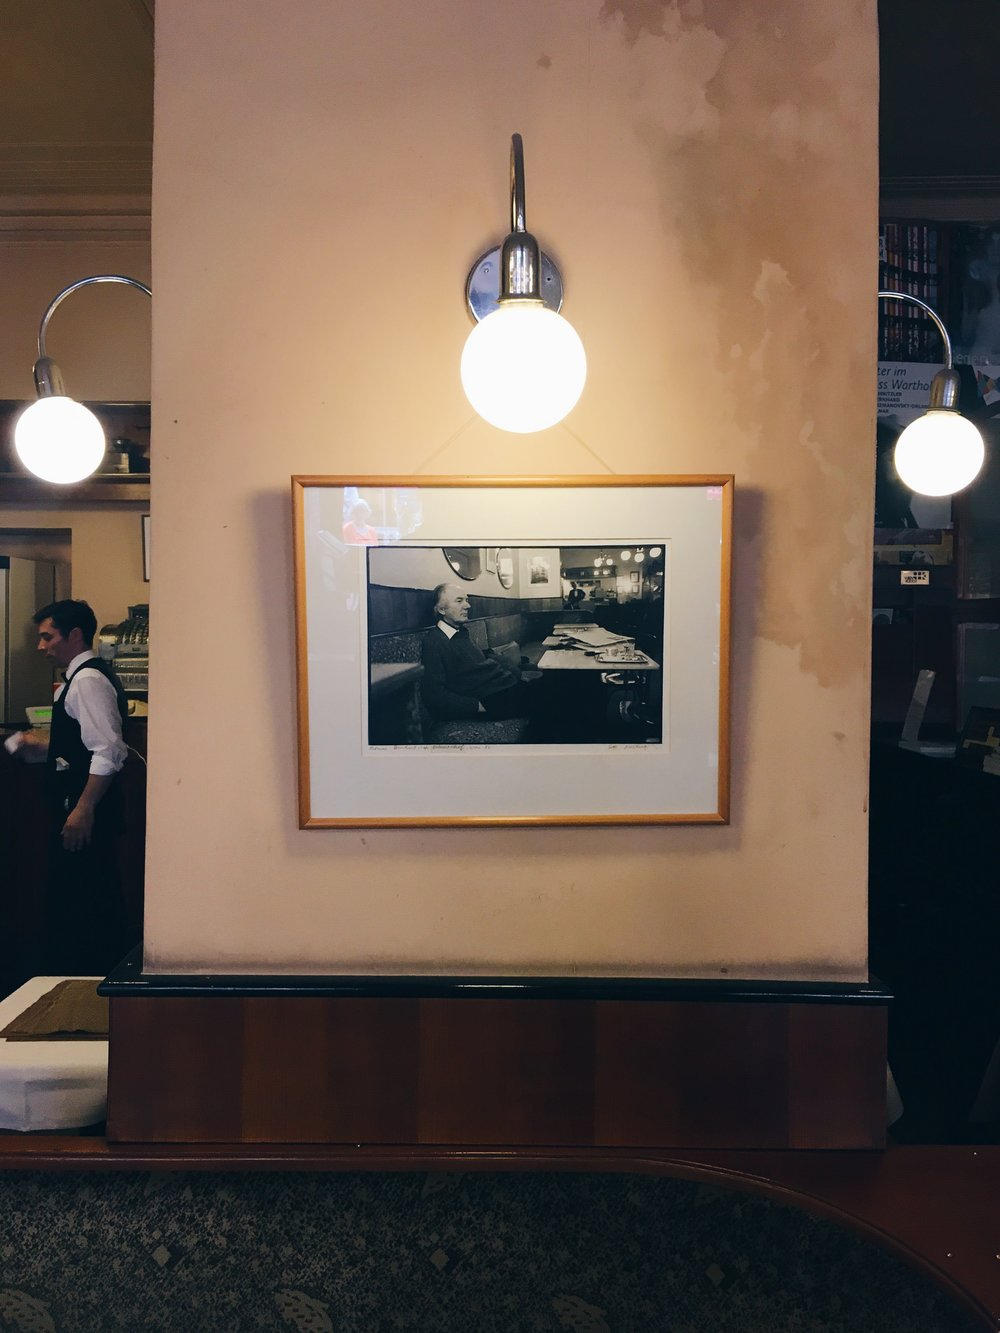 Fotografi av Bernhard på café Bräunerhof, sommaren 2016.